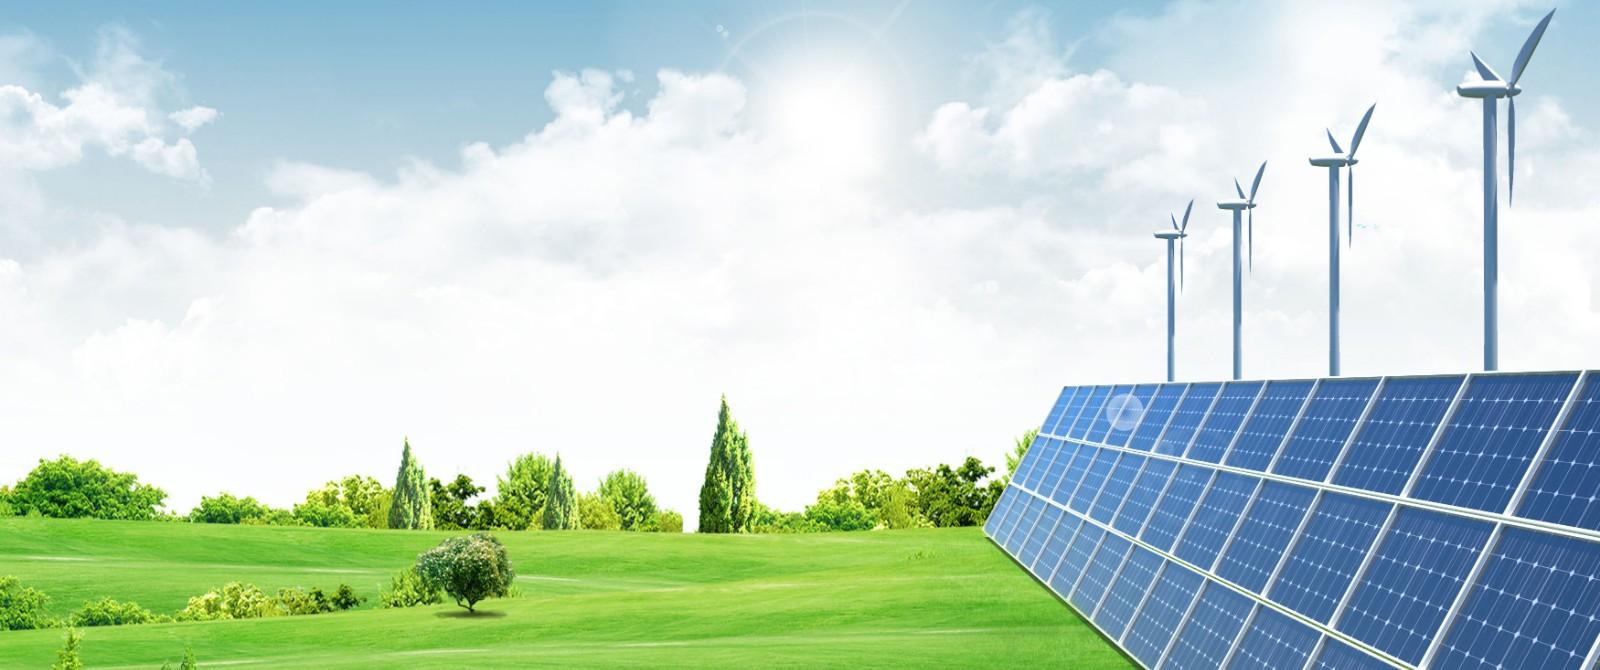 国家能源局:我国能源行业总体信用状况良好